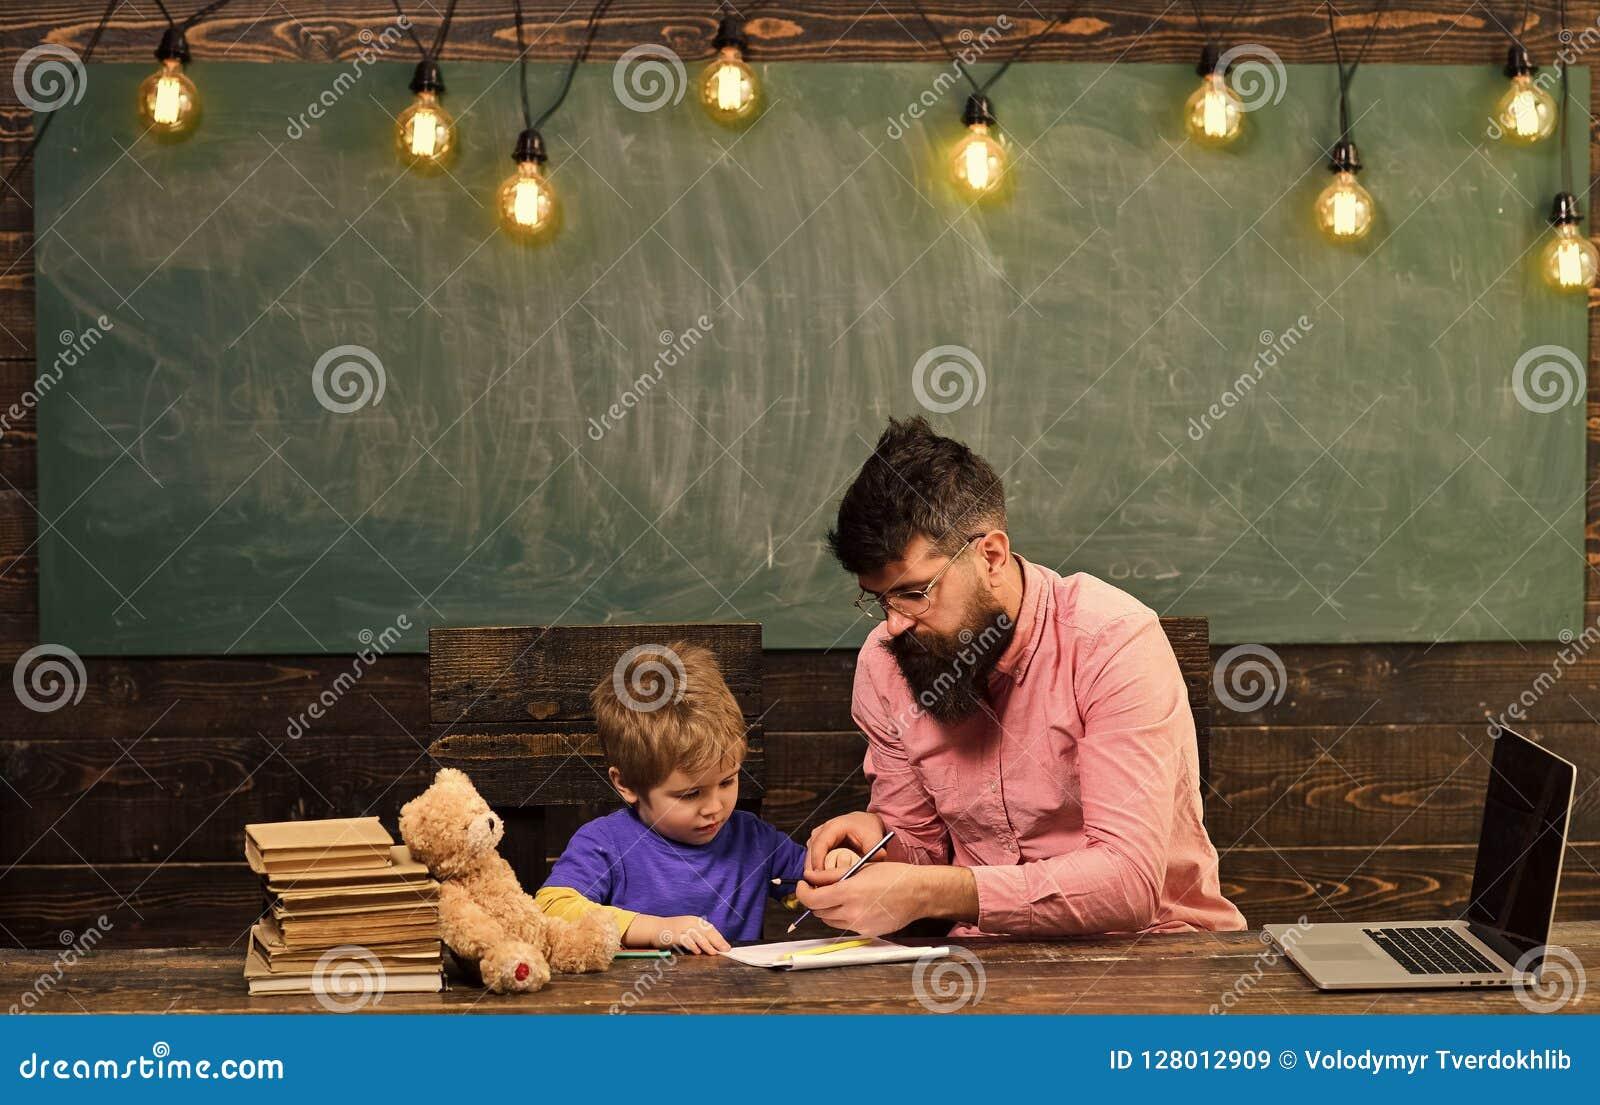 Leerling met leraar op school Privé-leraar die jong geitje helpen om brieven in voorbeeldenboek te schrijven De mens en de jongen